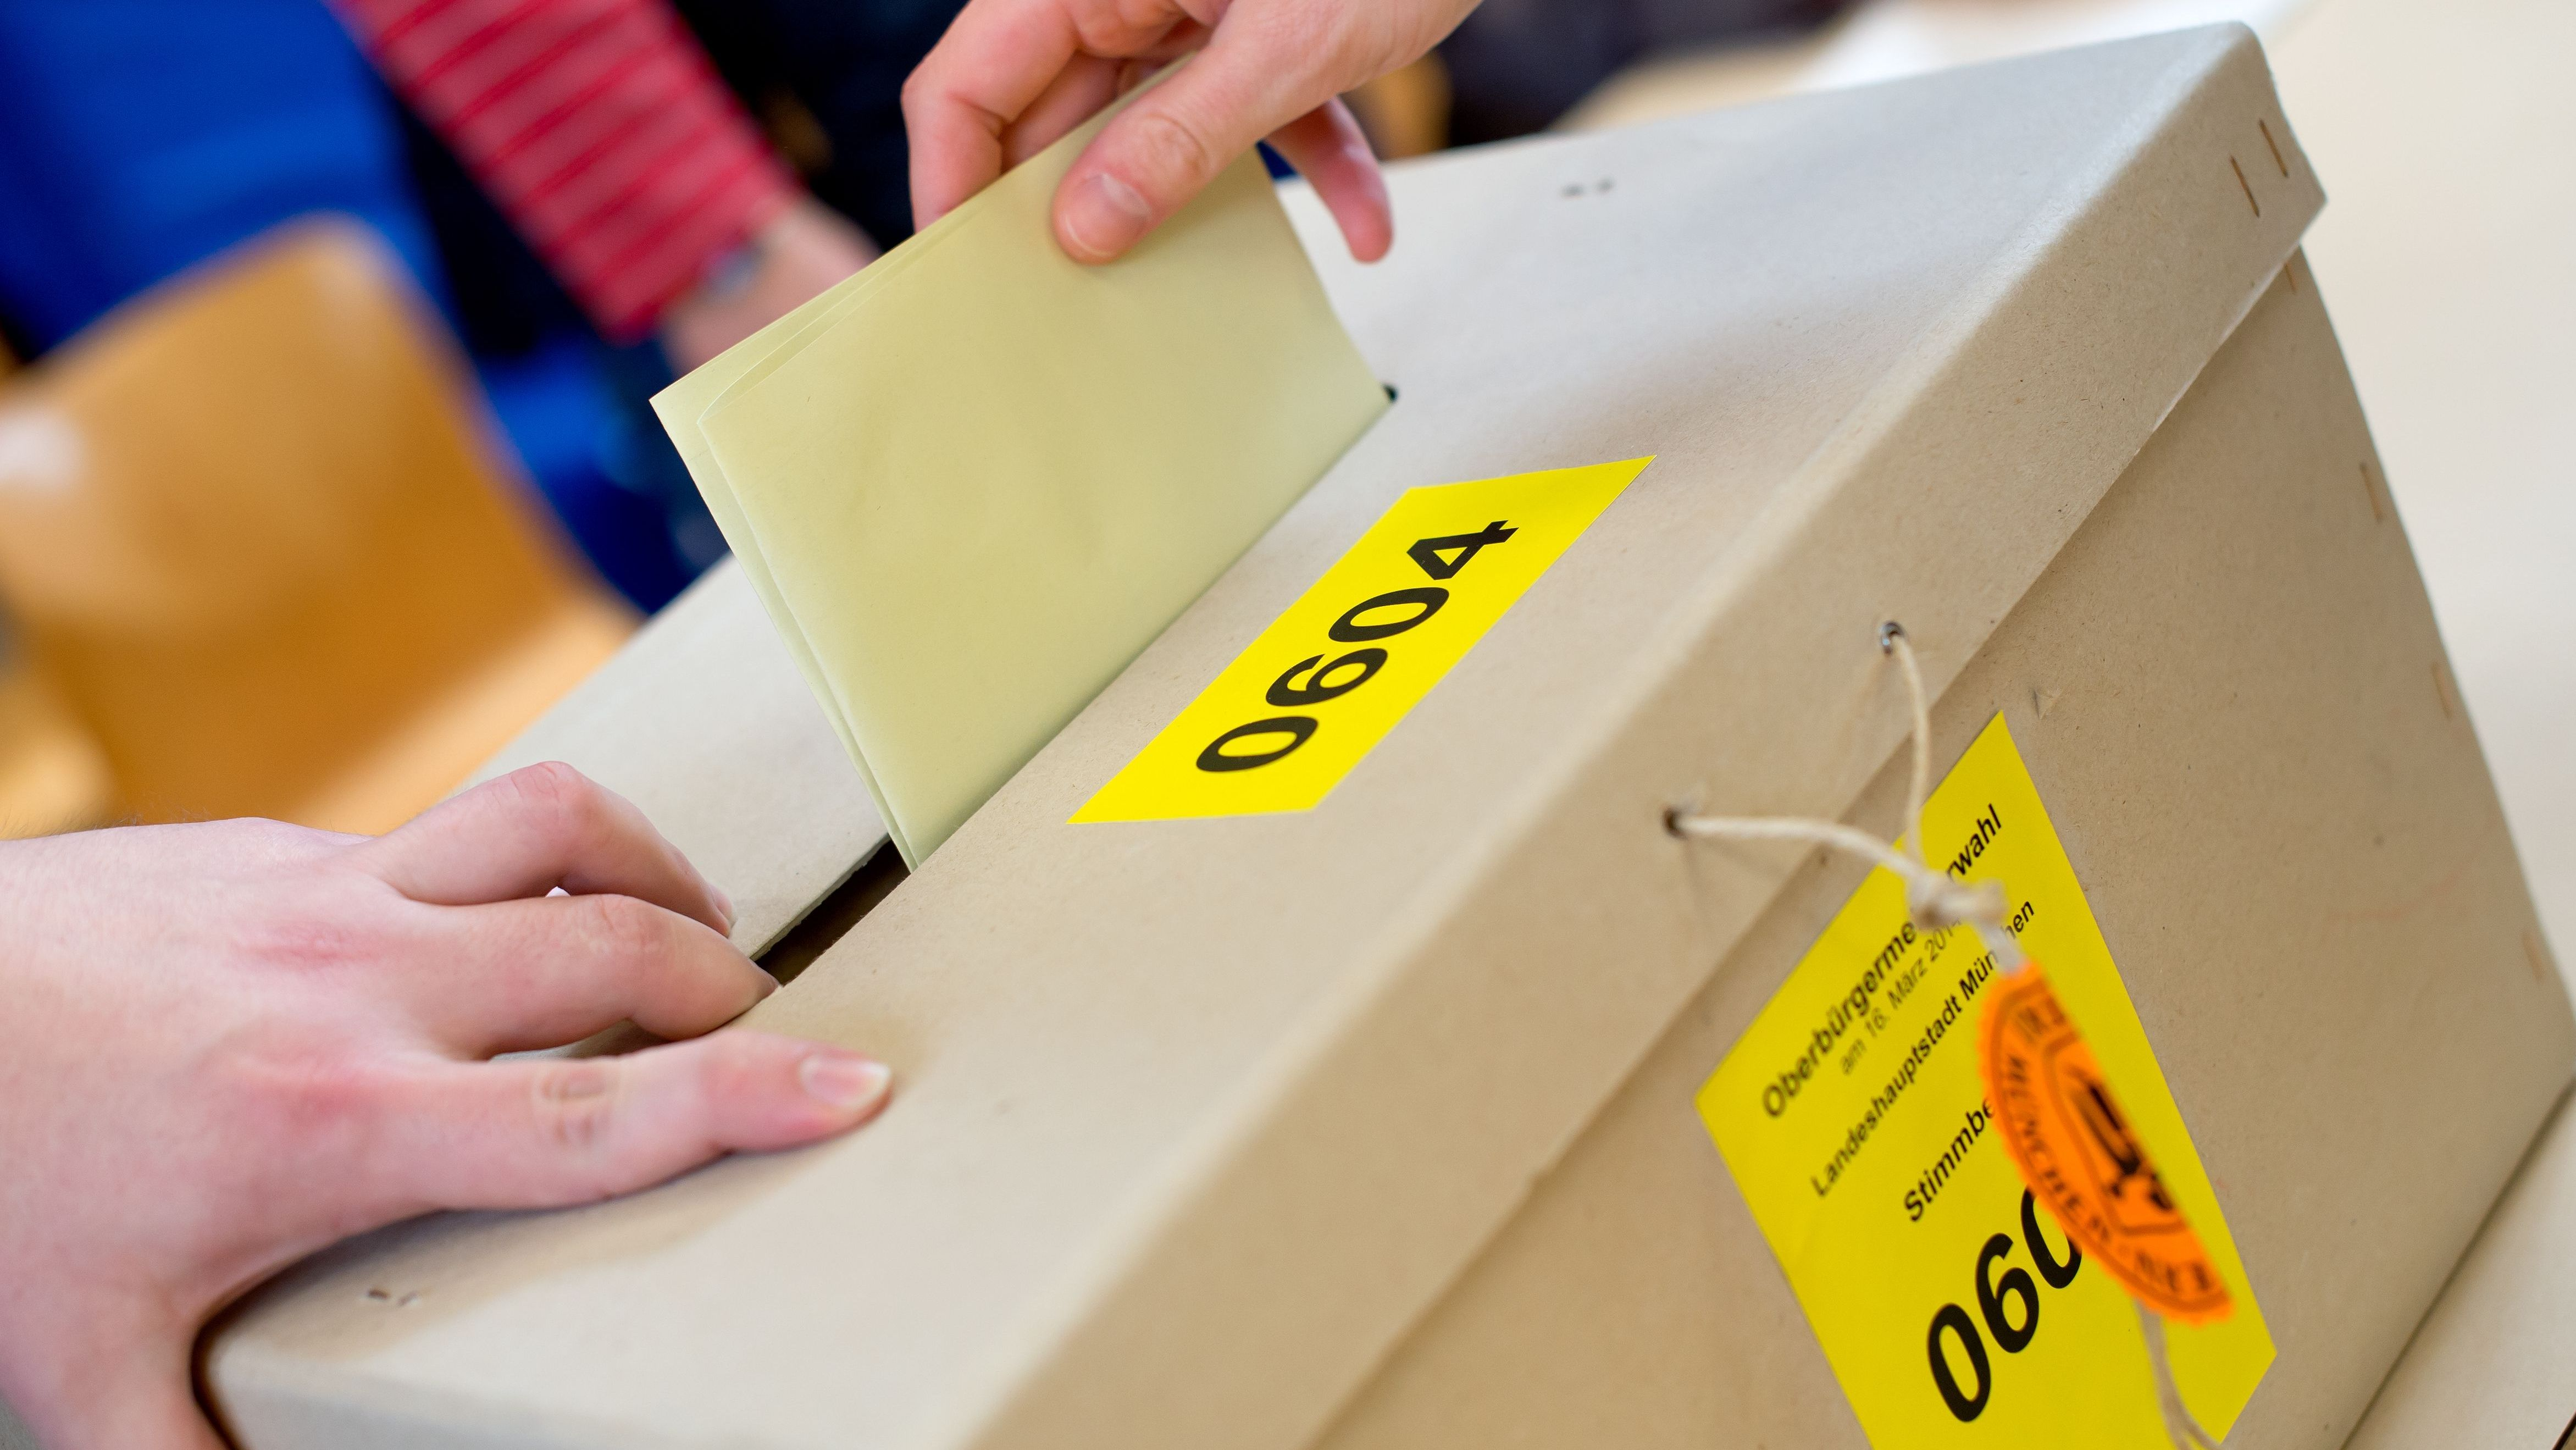 Wahlurne bei der Oberbürgermeisterwahl 2014 in München.